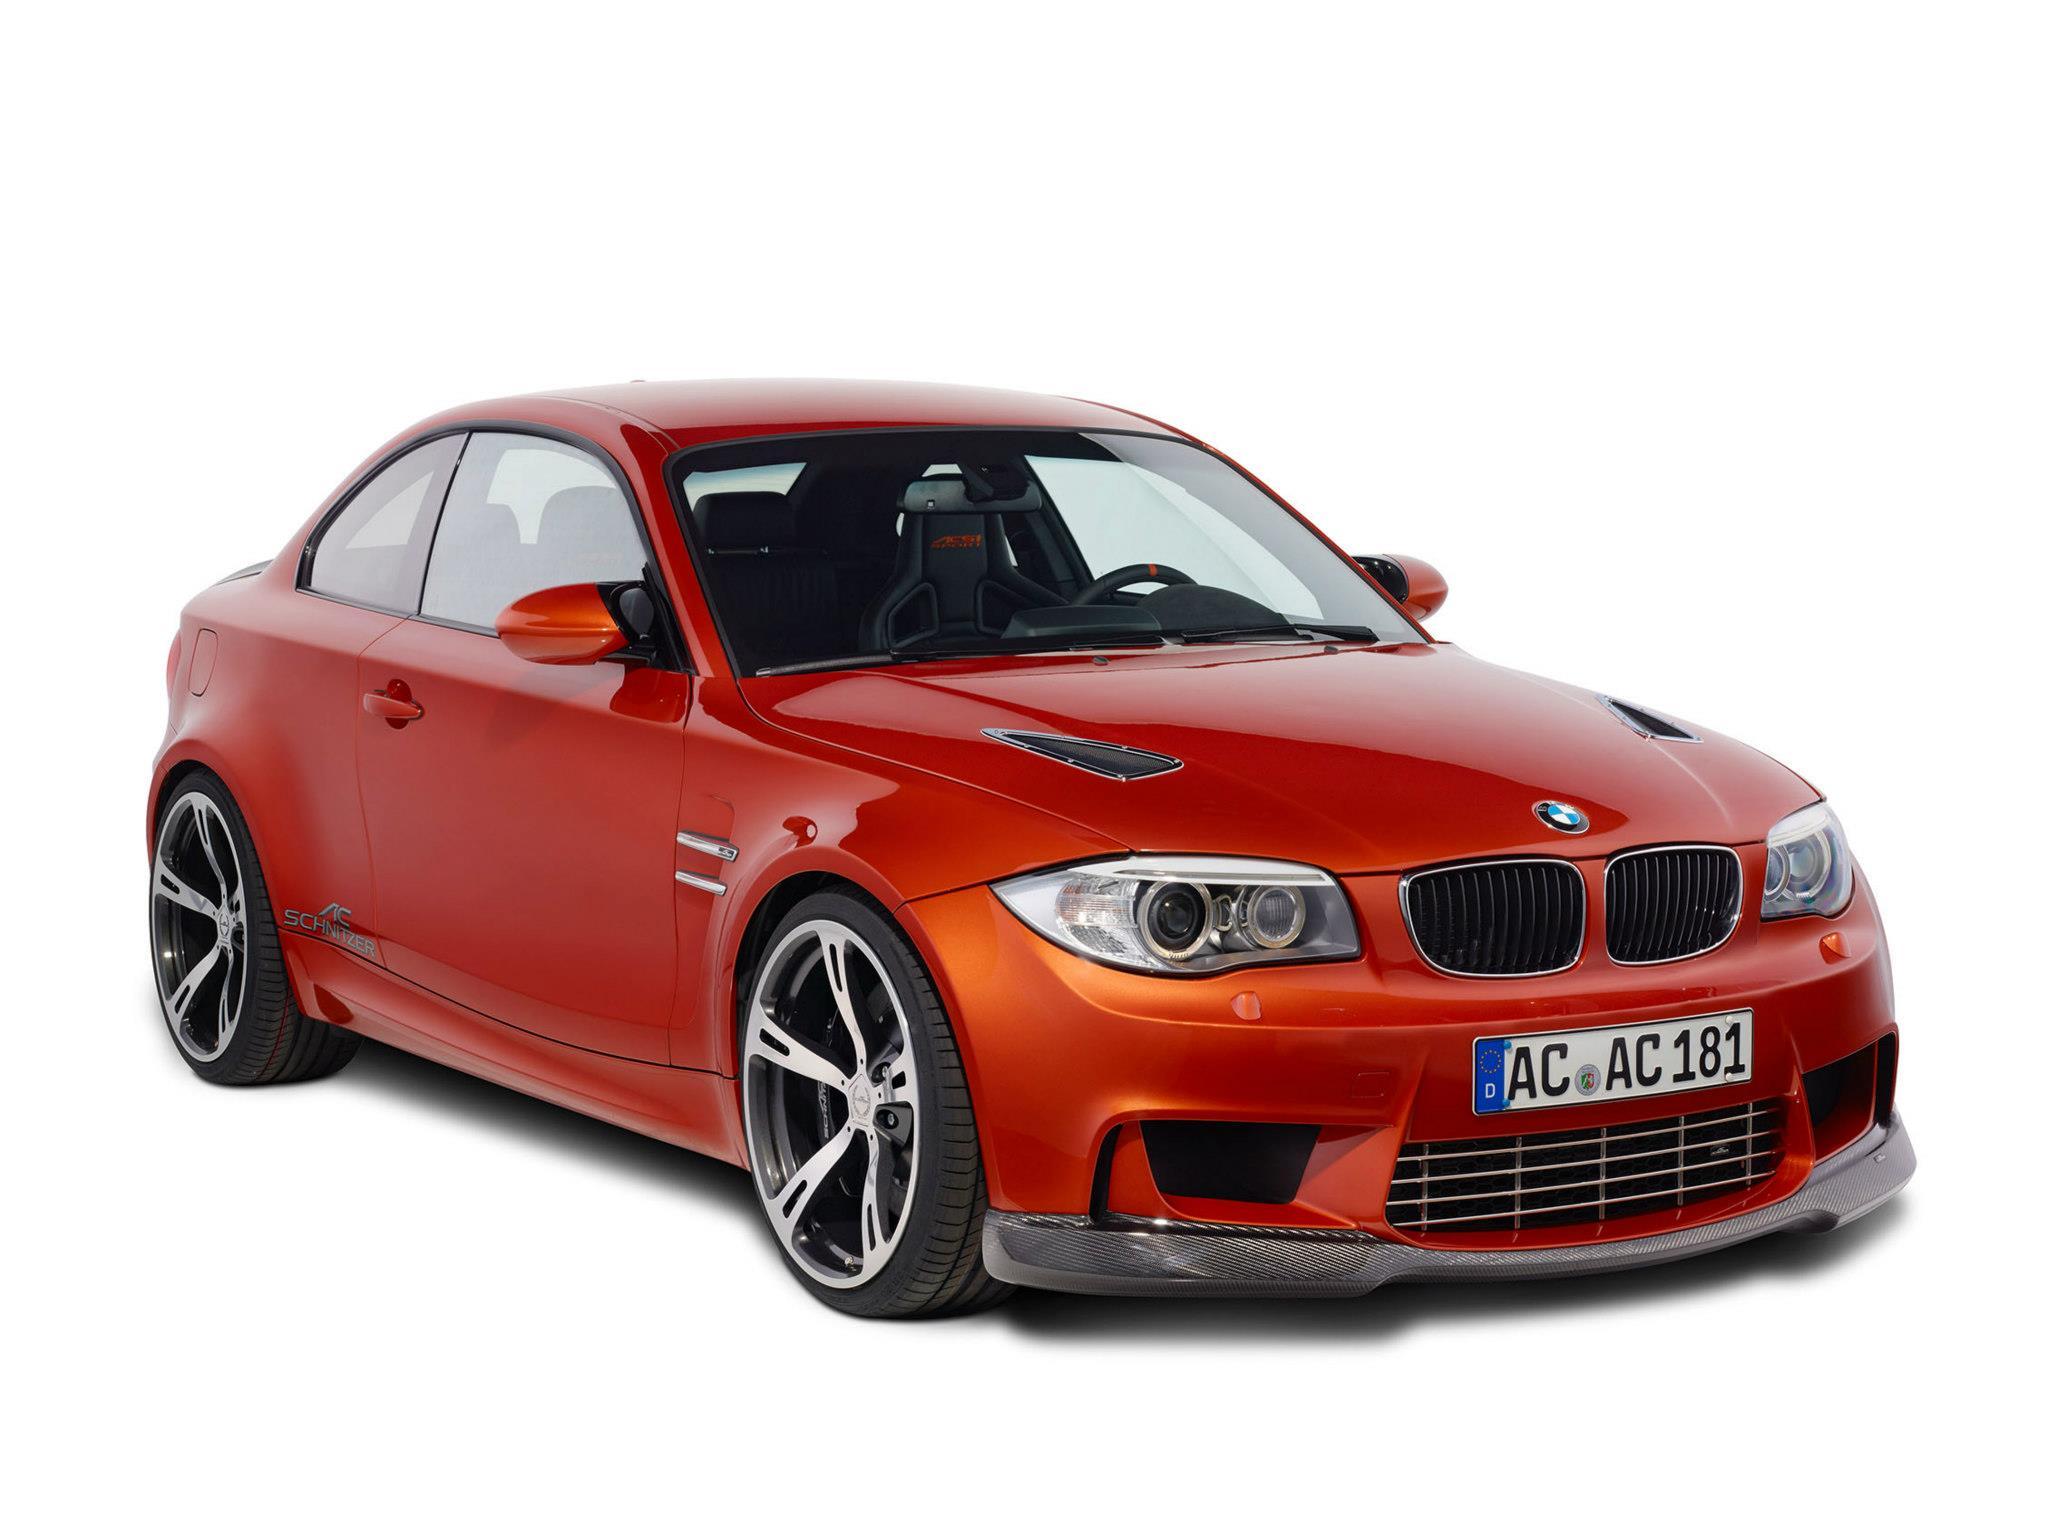 AC Schnitzer BMW 1-series M Coupe представила - фотография №2